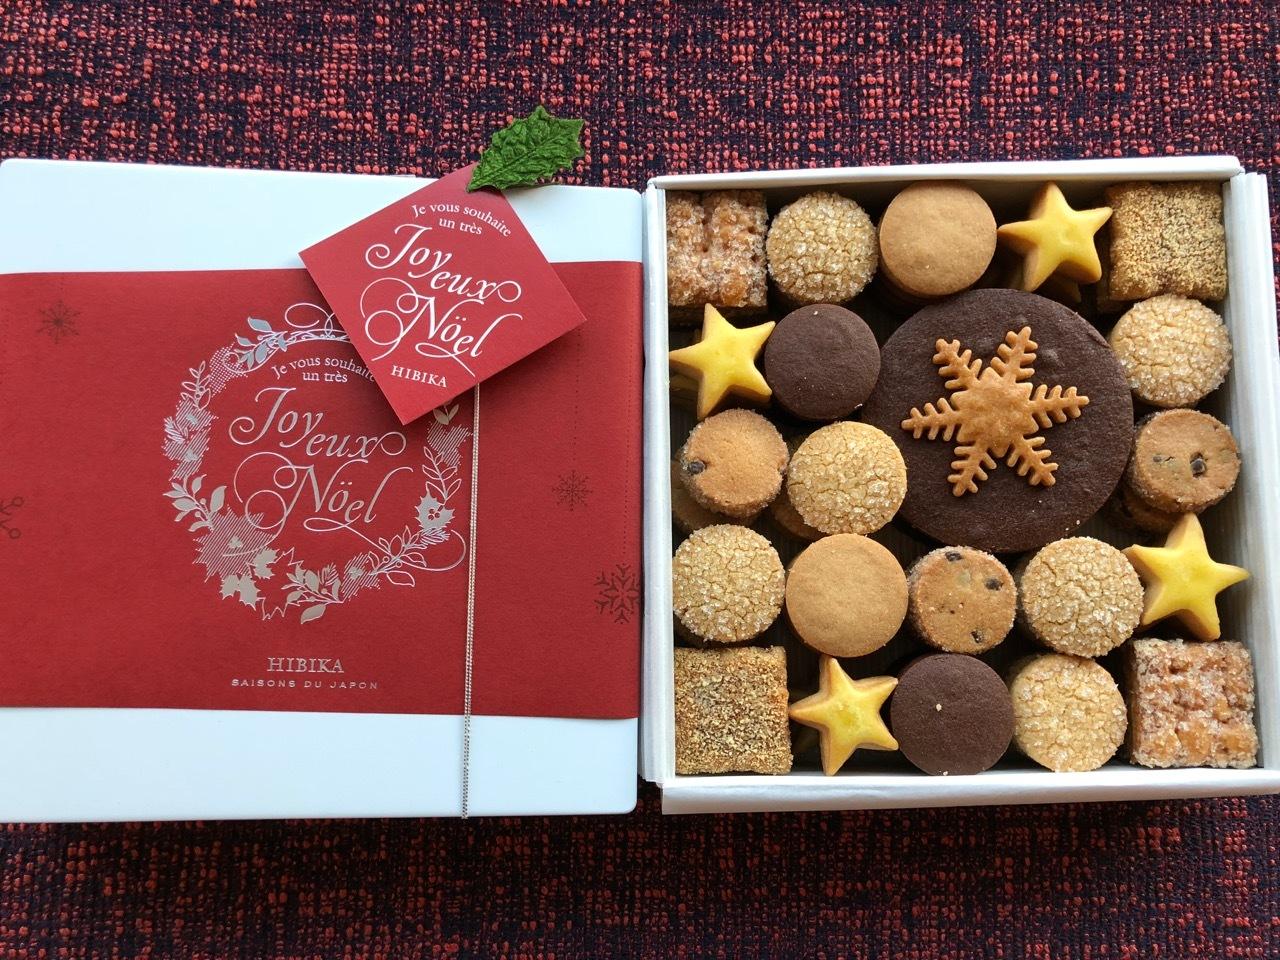 クリスマスシーズンの贈り物にぴったり!HIBIKAの「冬の小さな焼き菓子詰め合わせ」_1_1